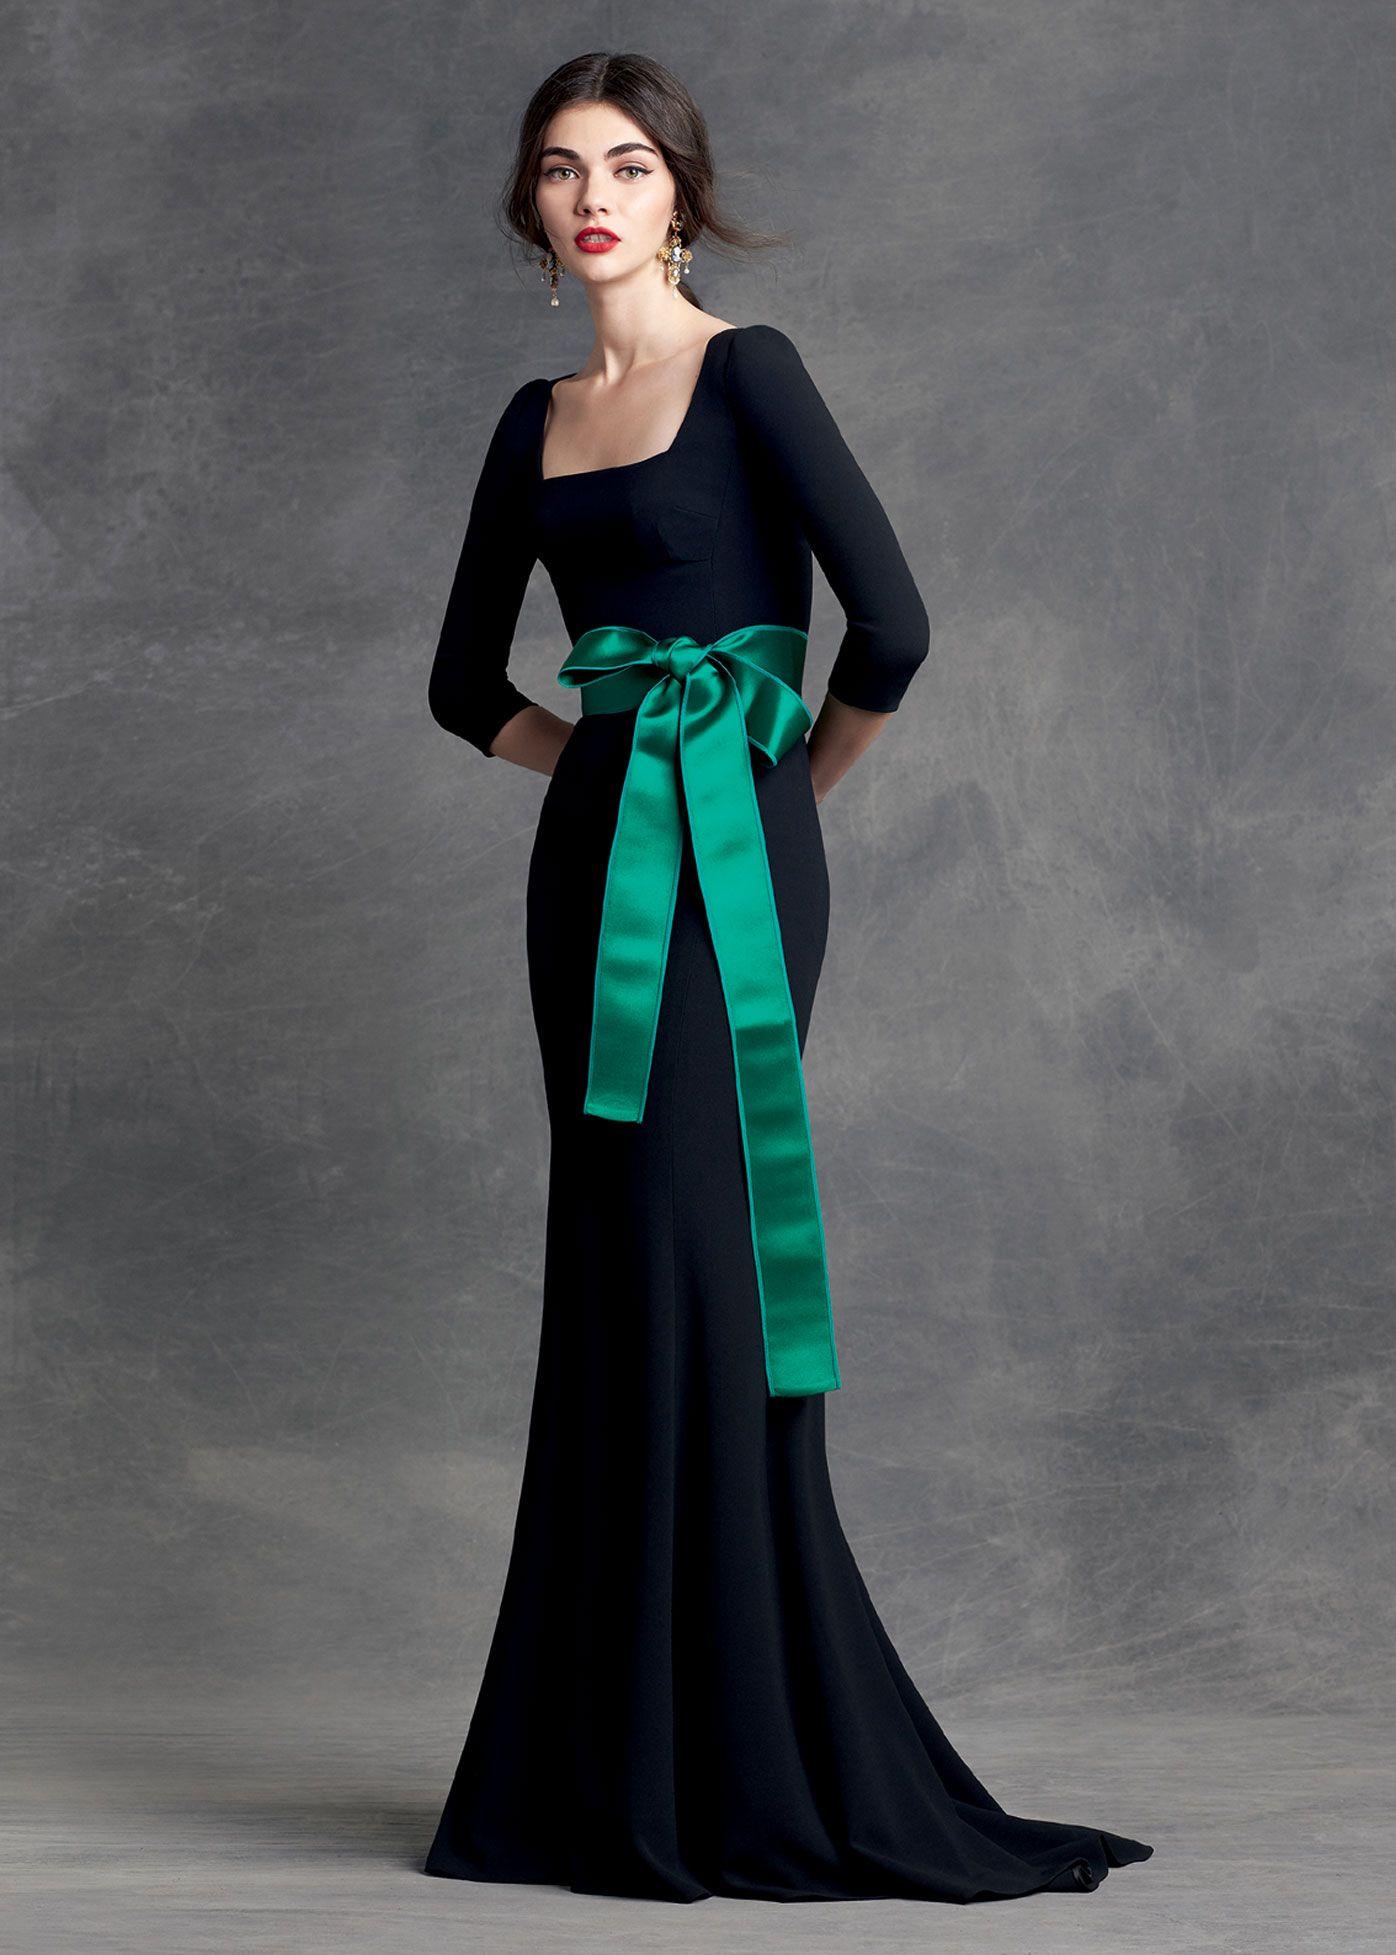 66ac63790b47 Dolce   Gabbana Abbigliamento Donna Inverno 2016 Vestiti Formali